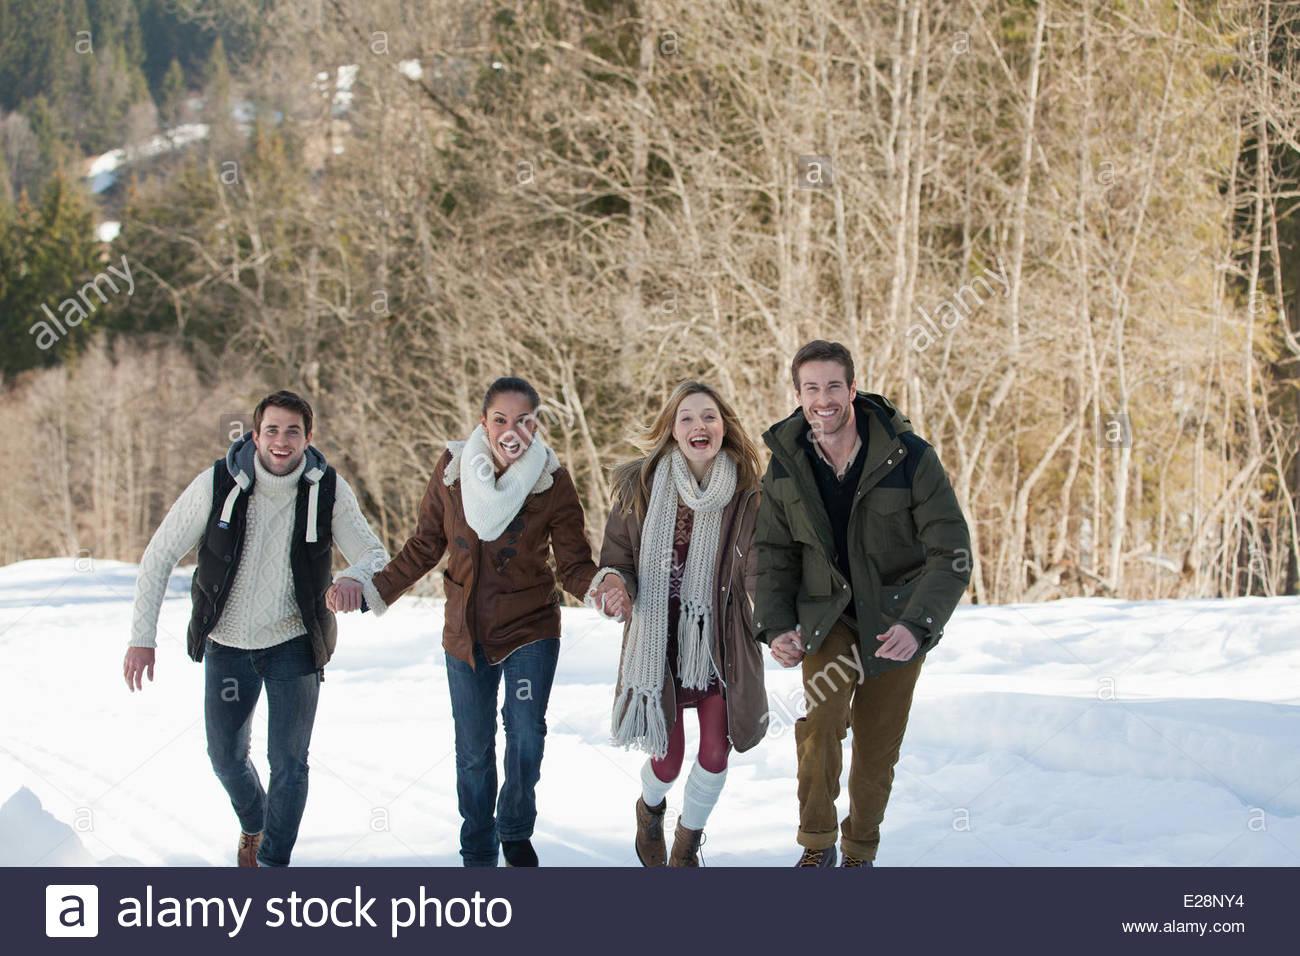 Retrato de amigos sonriente sosteniendo las manos y girando en la nieve Imagen De Stock